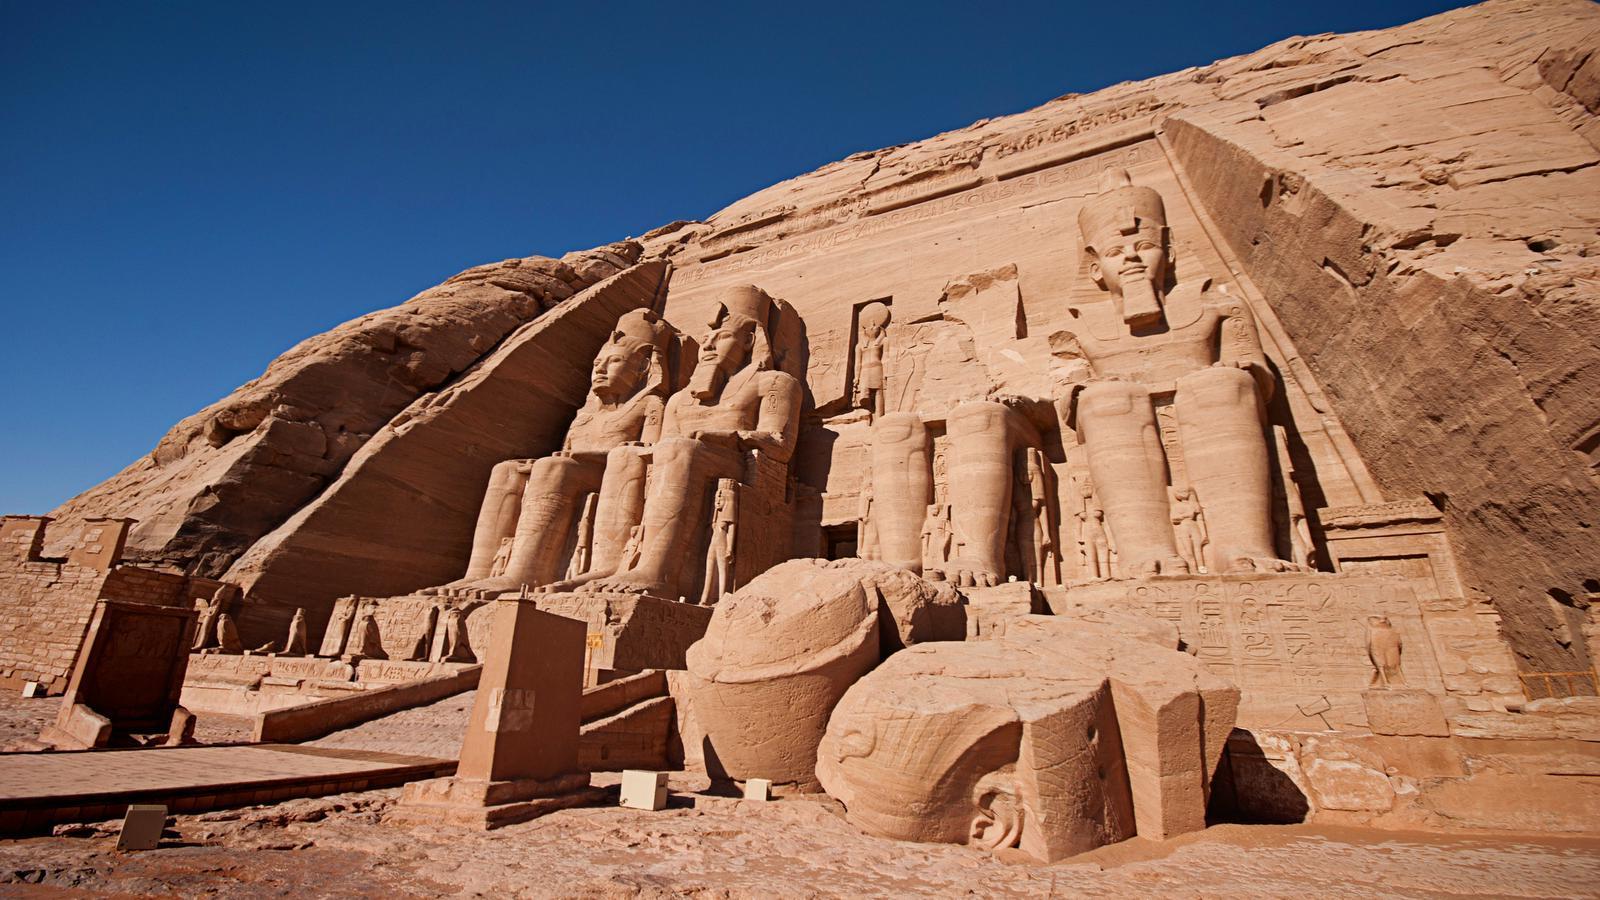 Urlaub in Ägypten: Tempel des Pharao Ramses